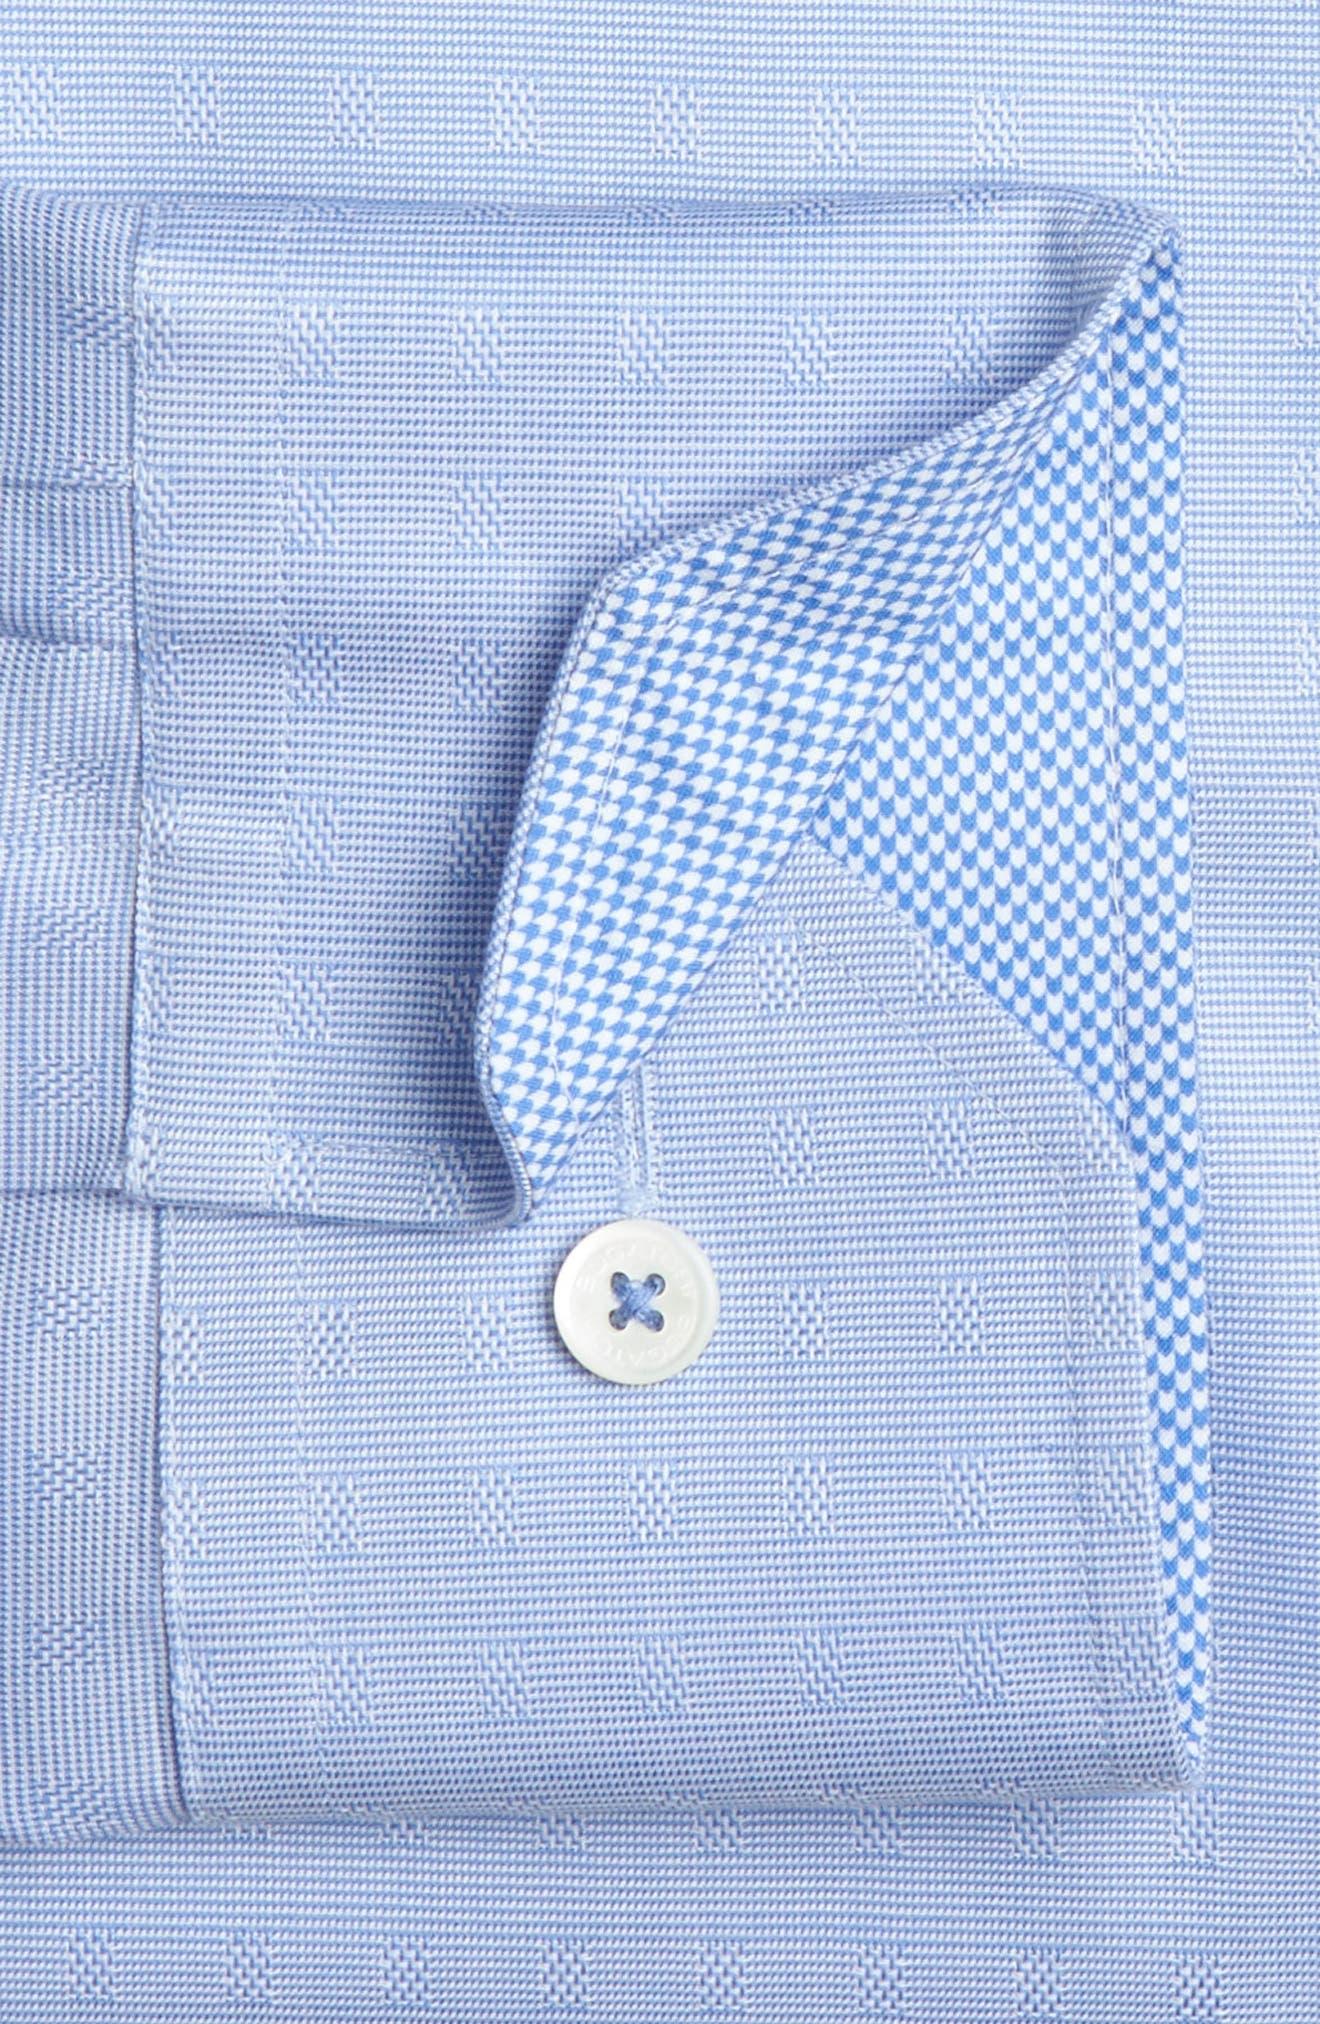 Trim Fit Solid Dress Shirt,                             Alternate thumbnail 2, color,                             Classic Blue